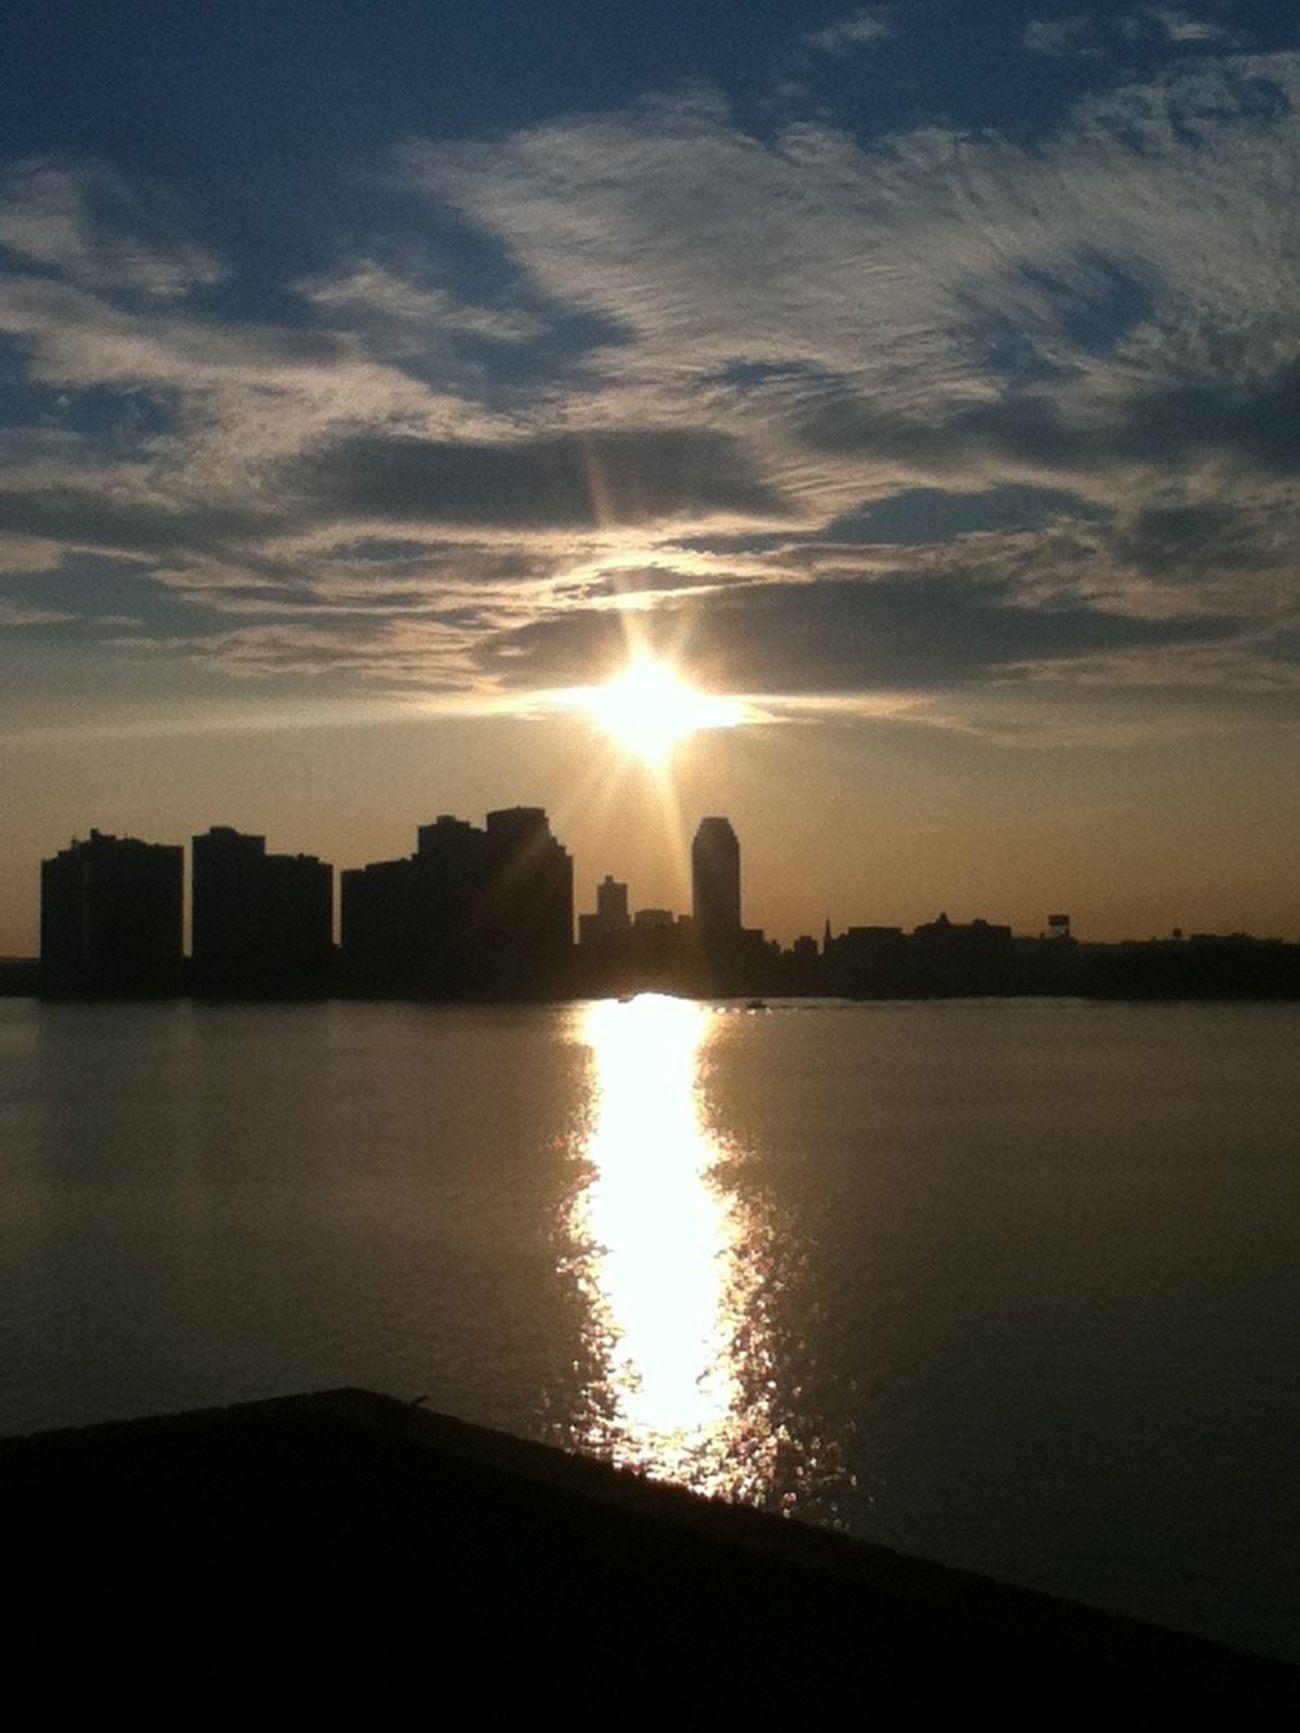 I enjoy watching the sunrise.